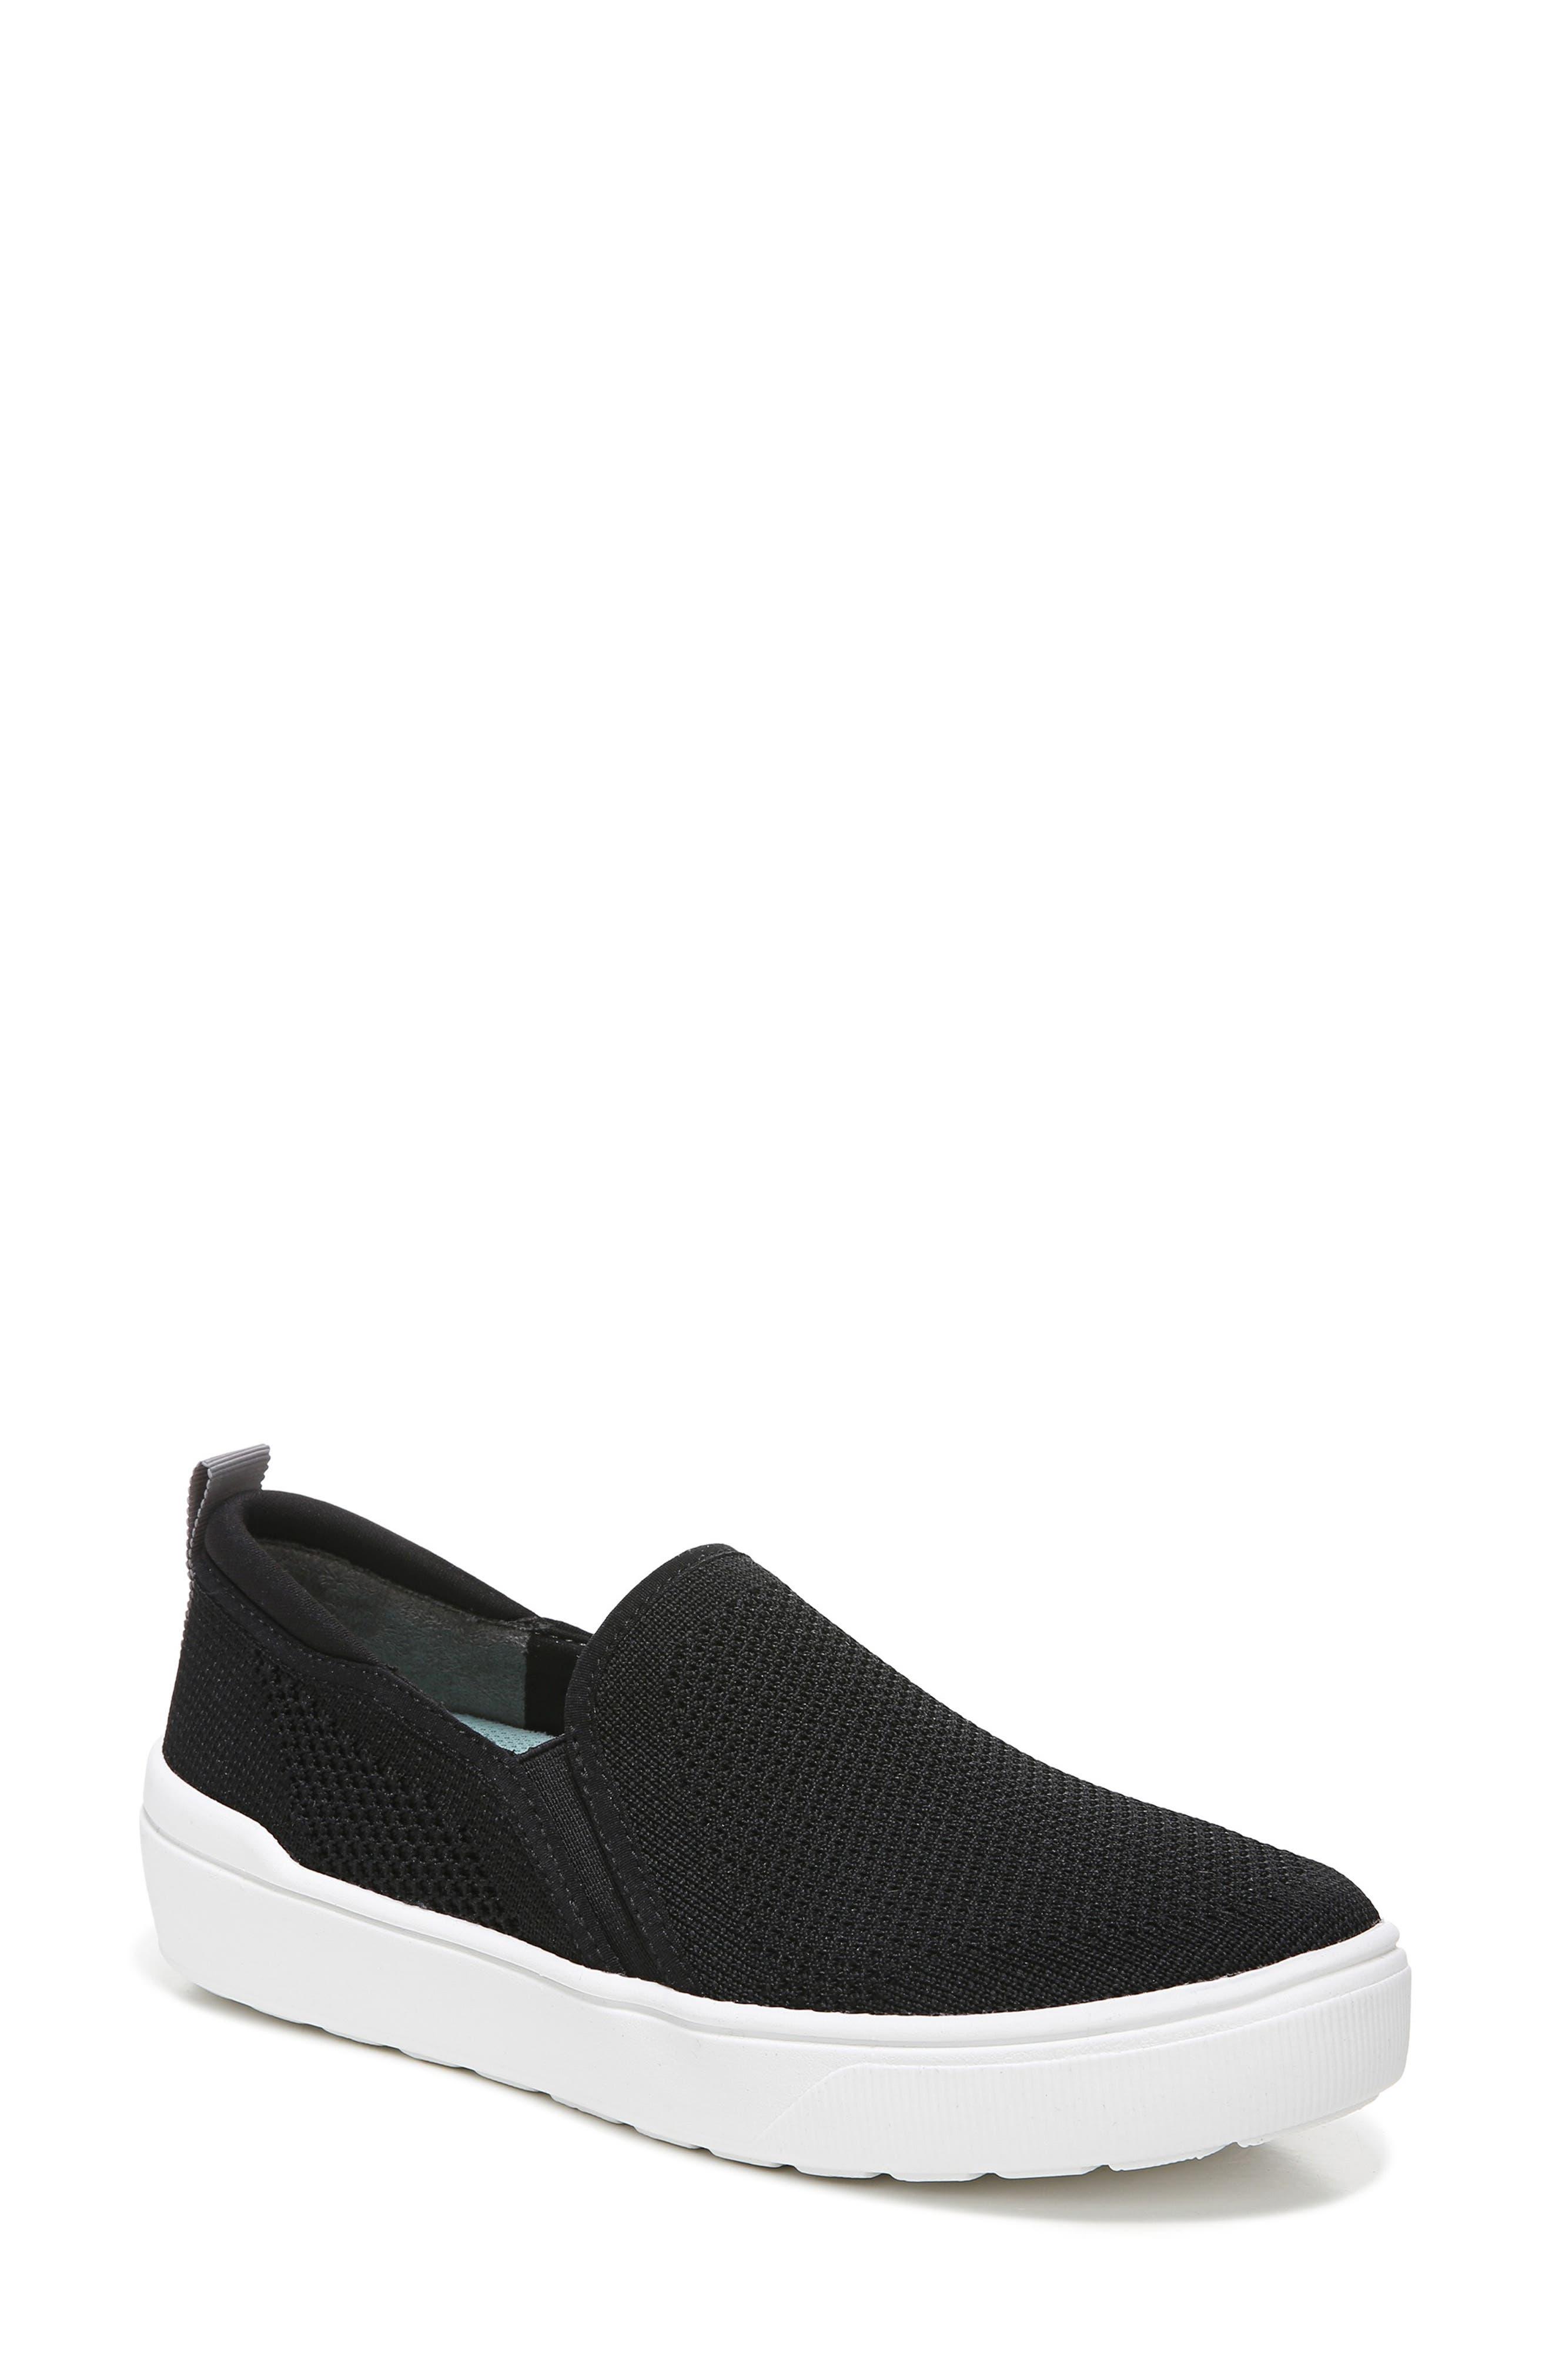 Delight Knit Sneaker